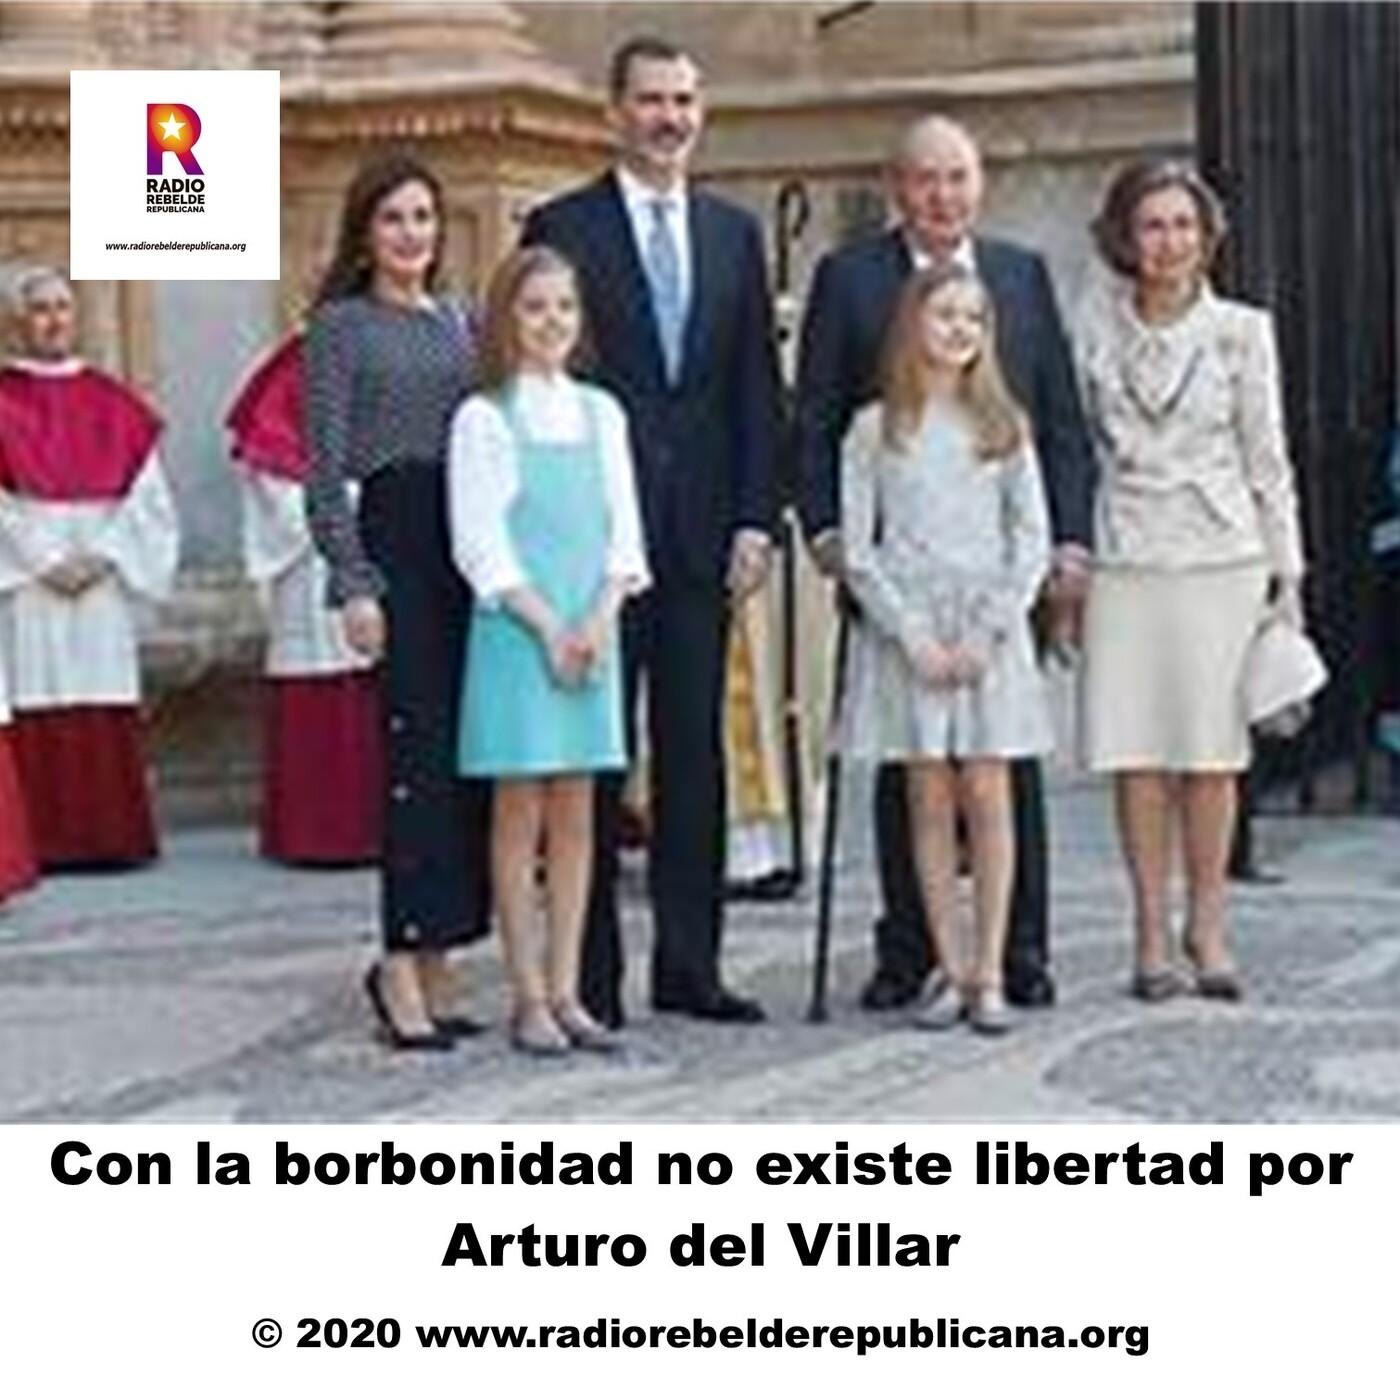 Con la borbonidad no existe libertad por Arturo del Villar